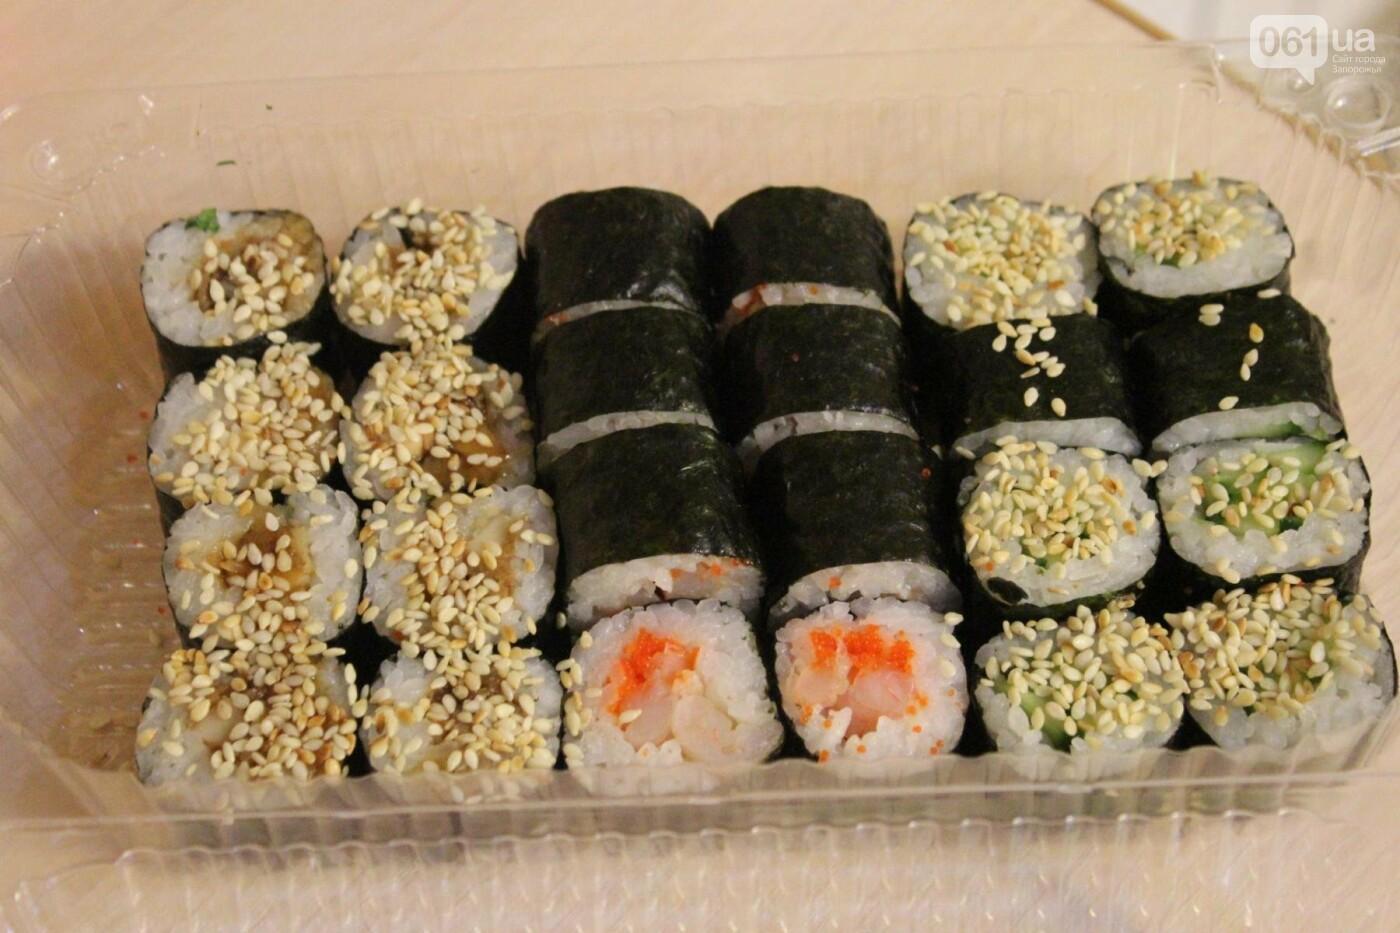 Тест-драйв доставки суши в Запорожье: 24rolls , фото-18